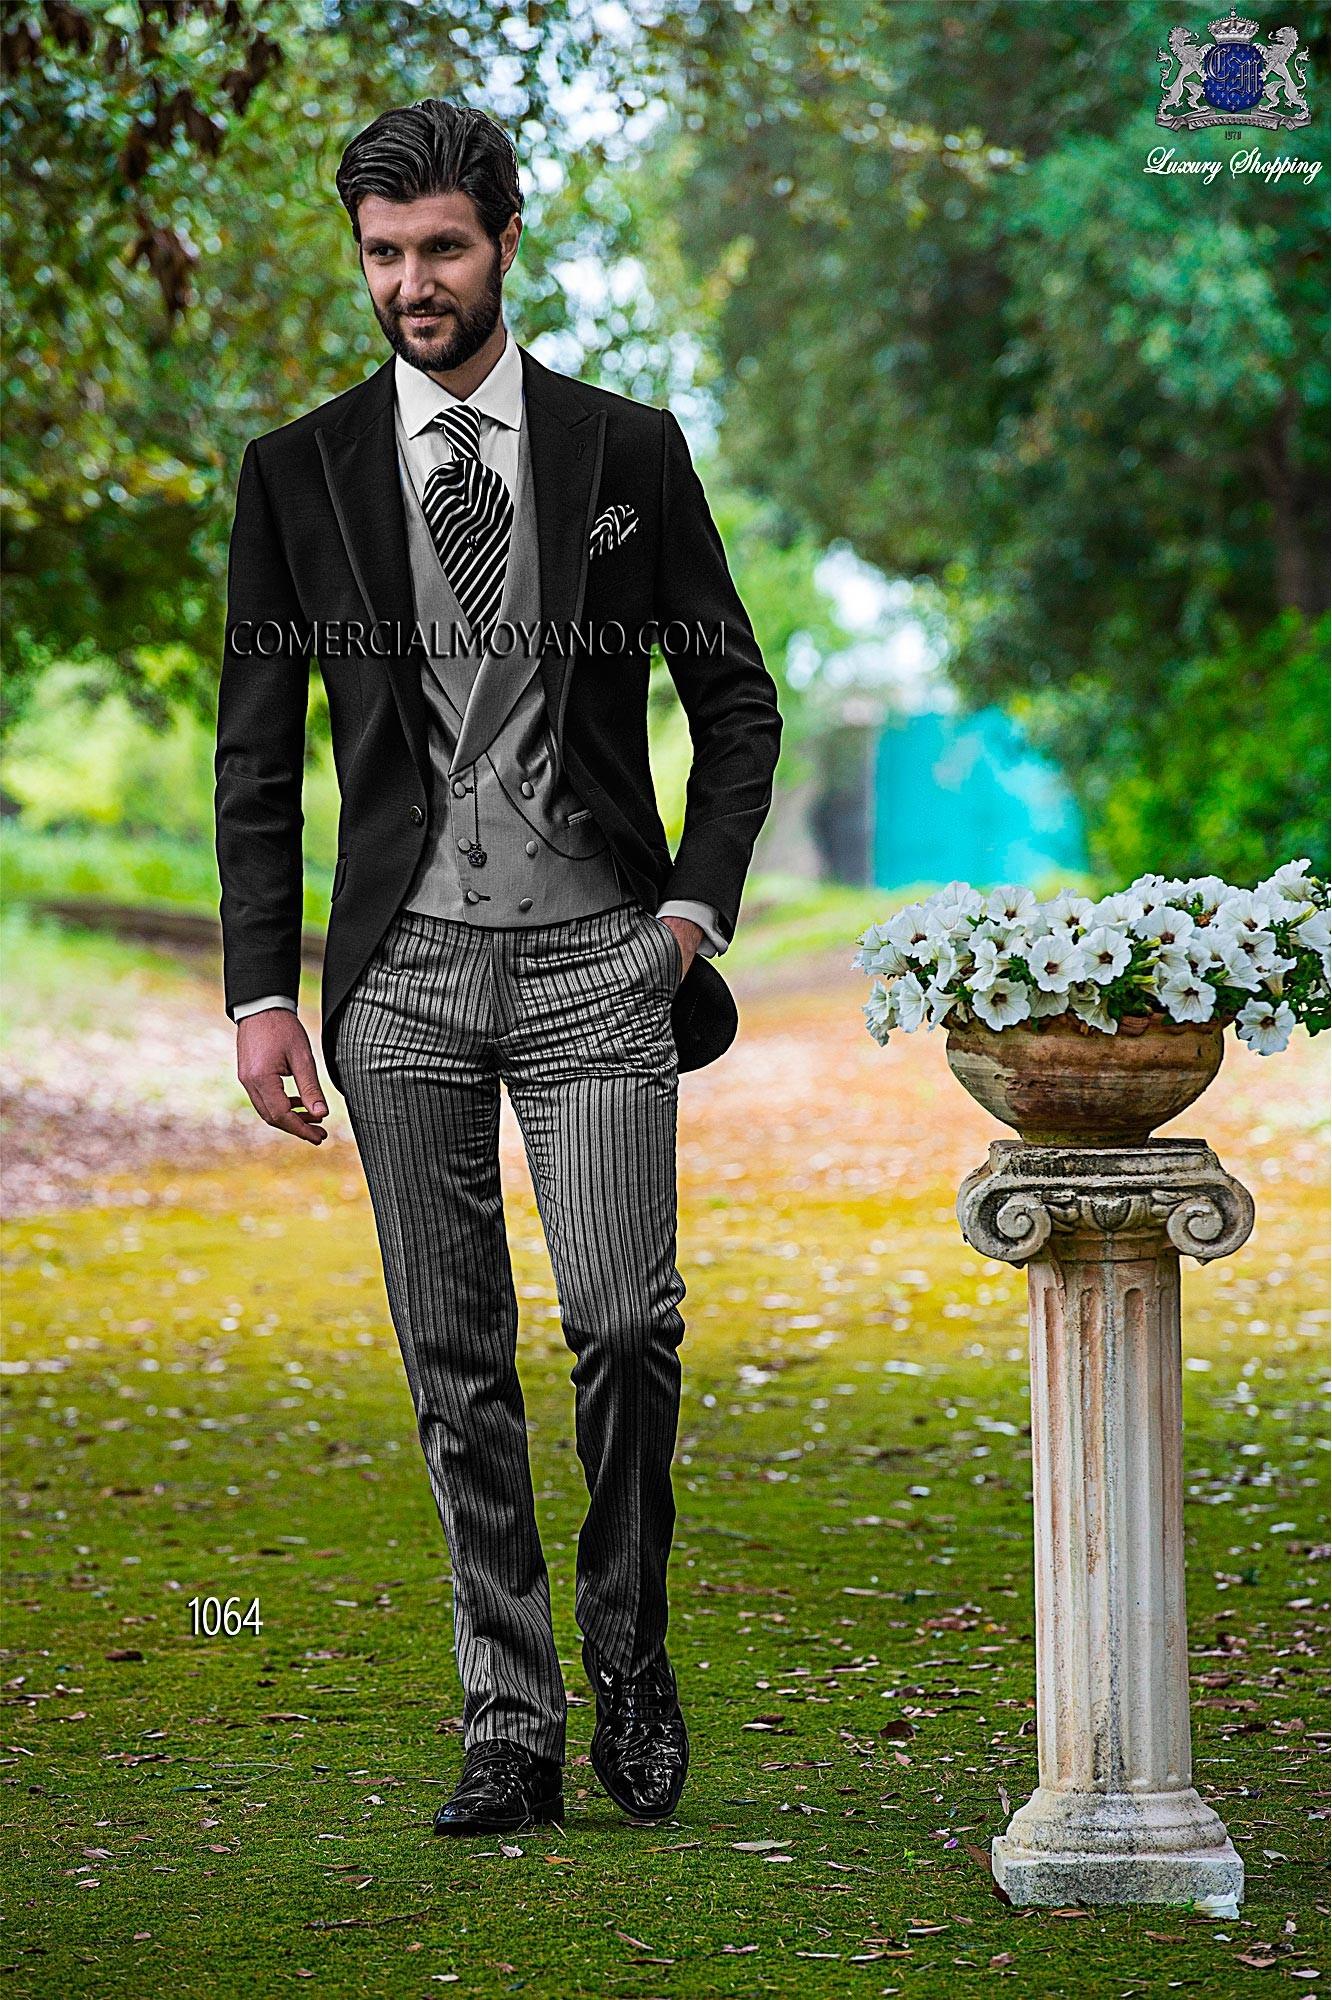 Fashion black men wedding suit model 1064 Ottavio Nuccio Gala